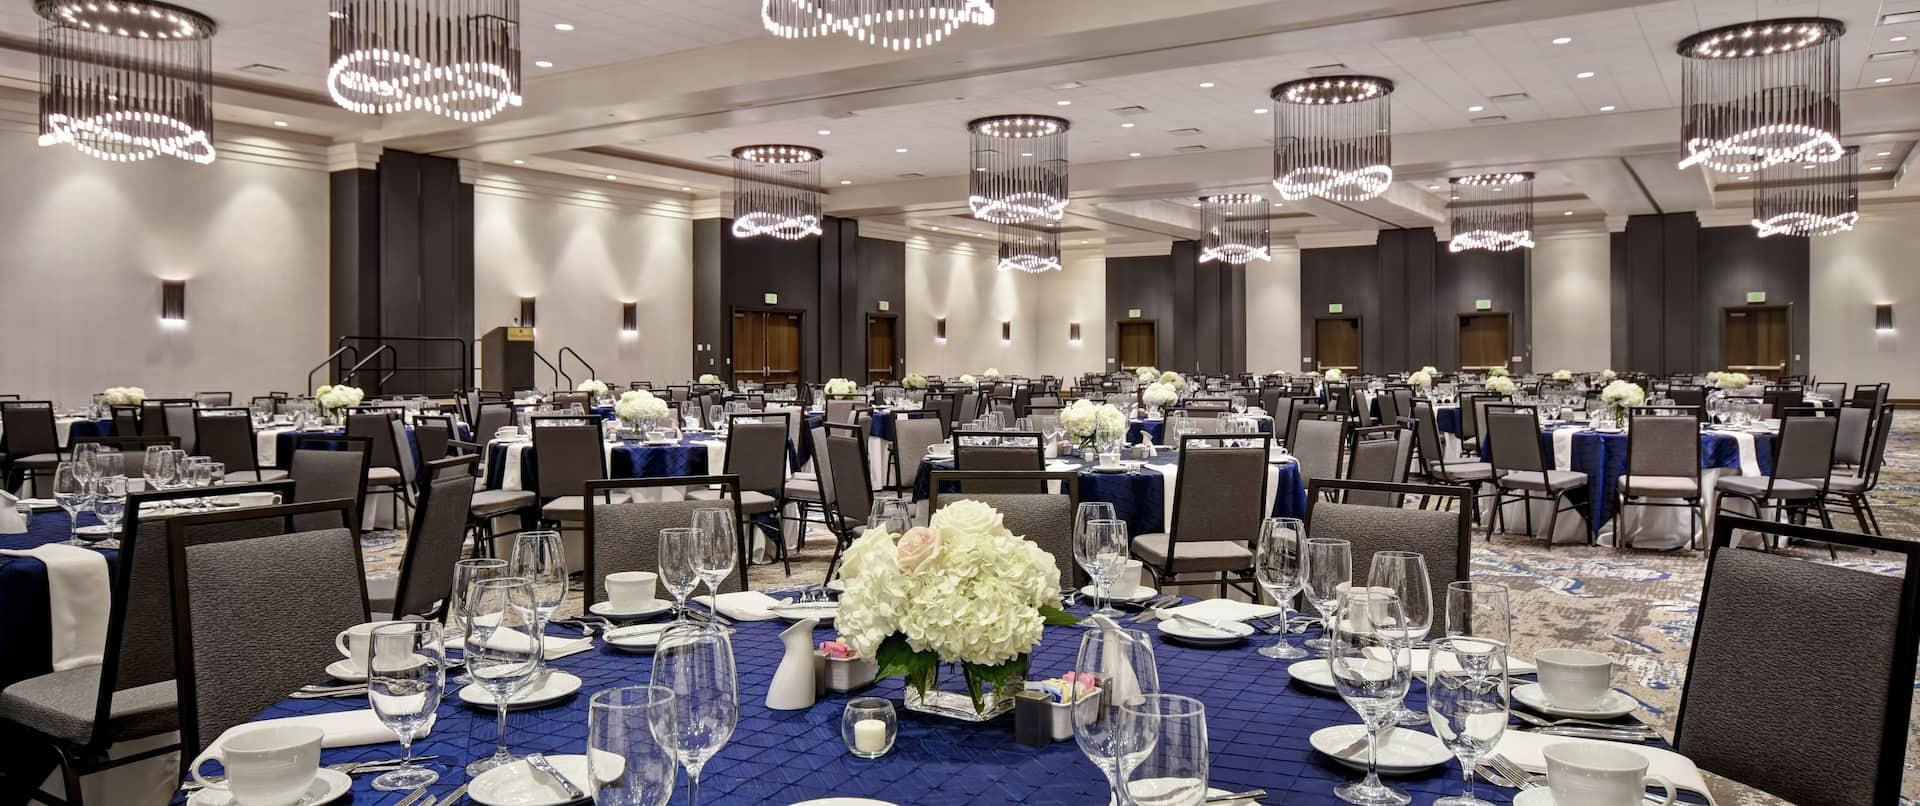 Ballroom Round set up